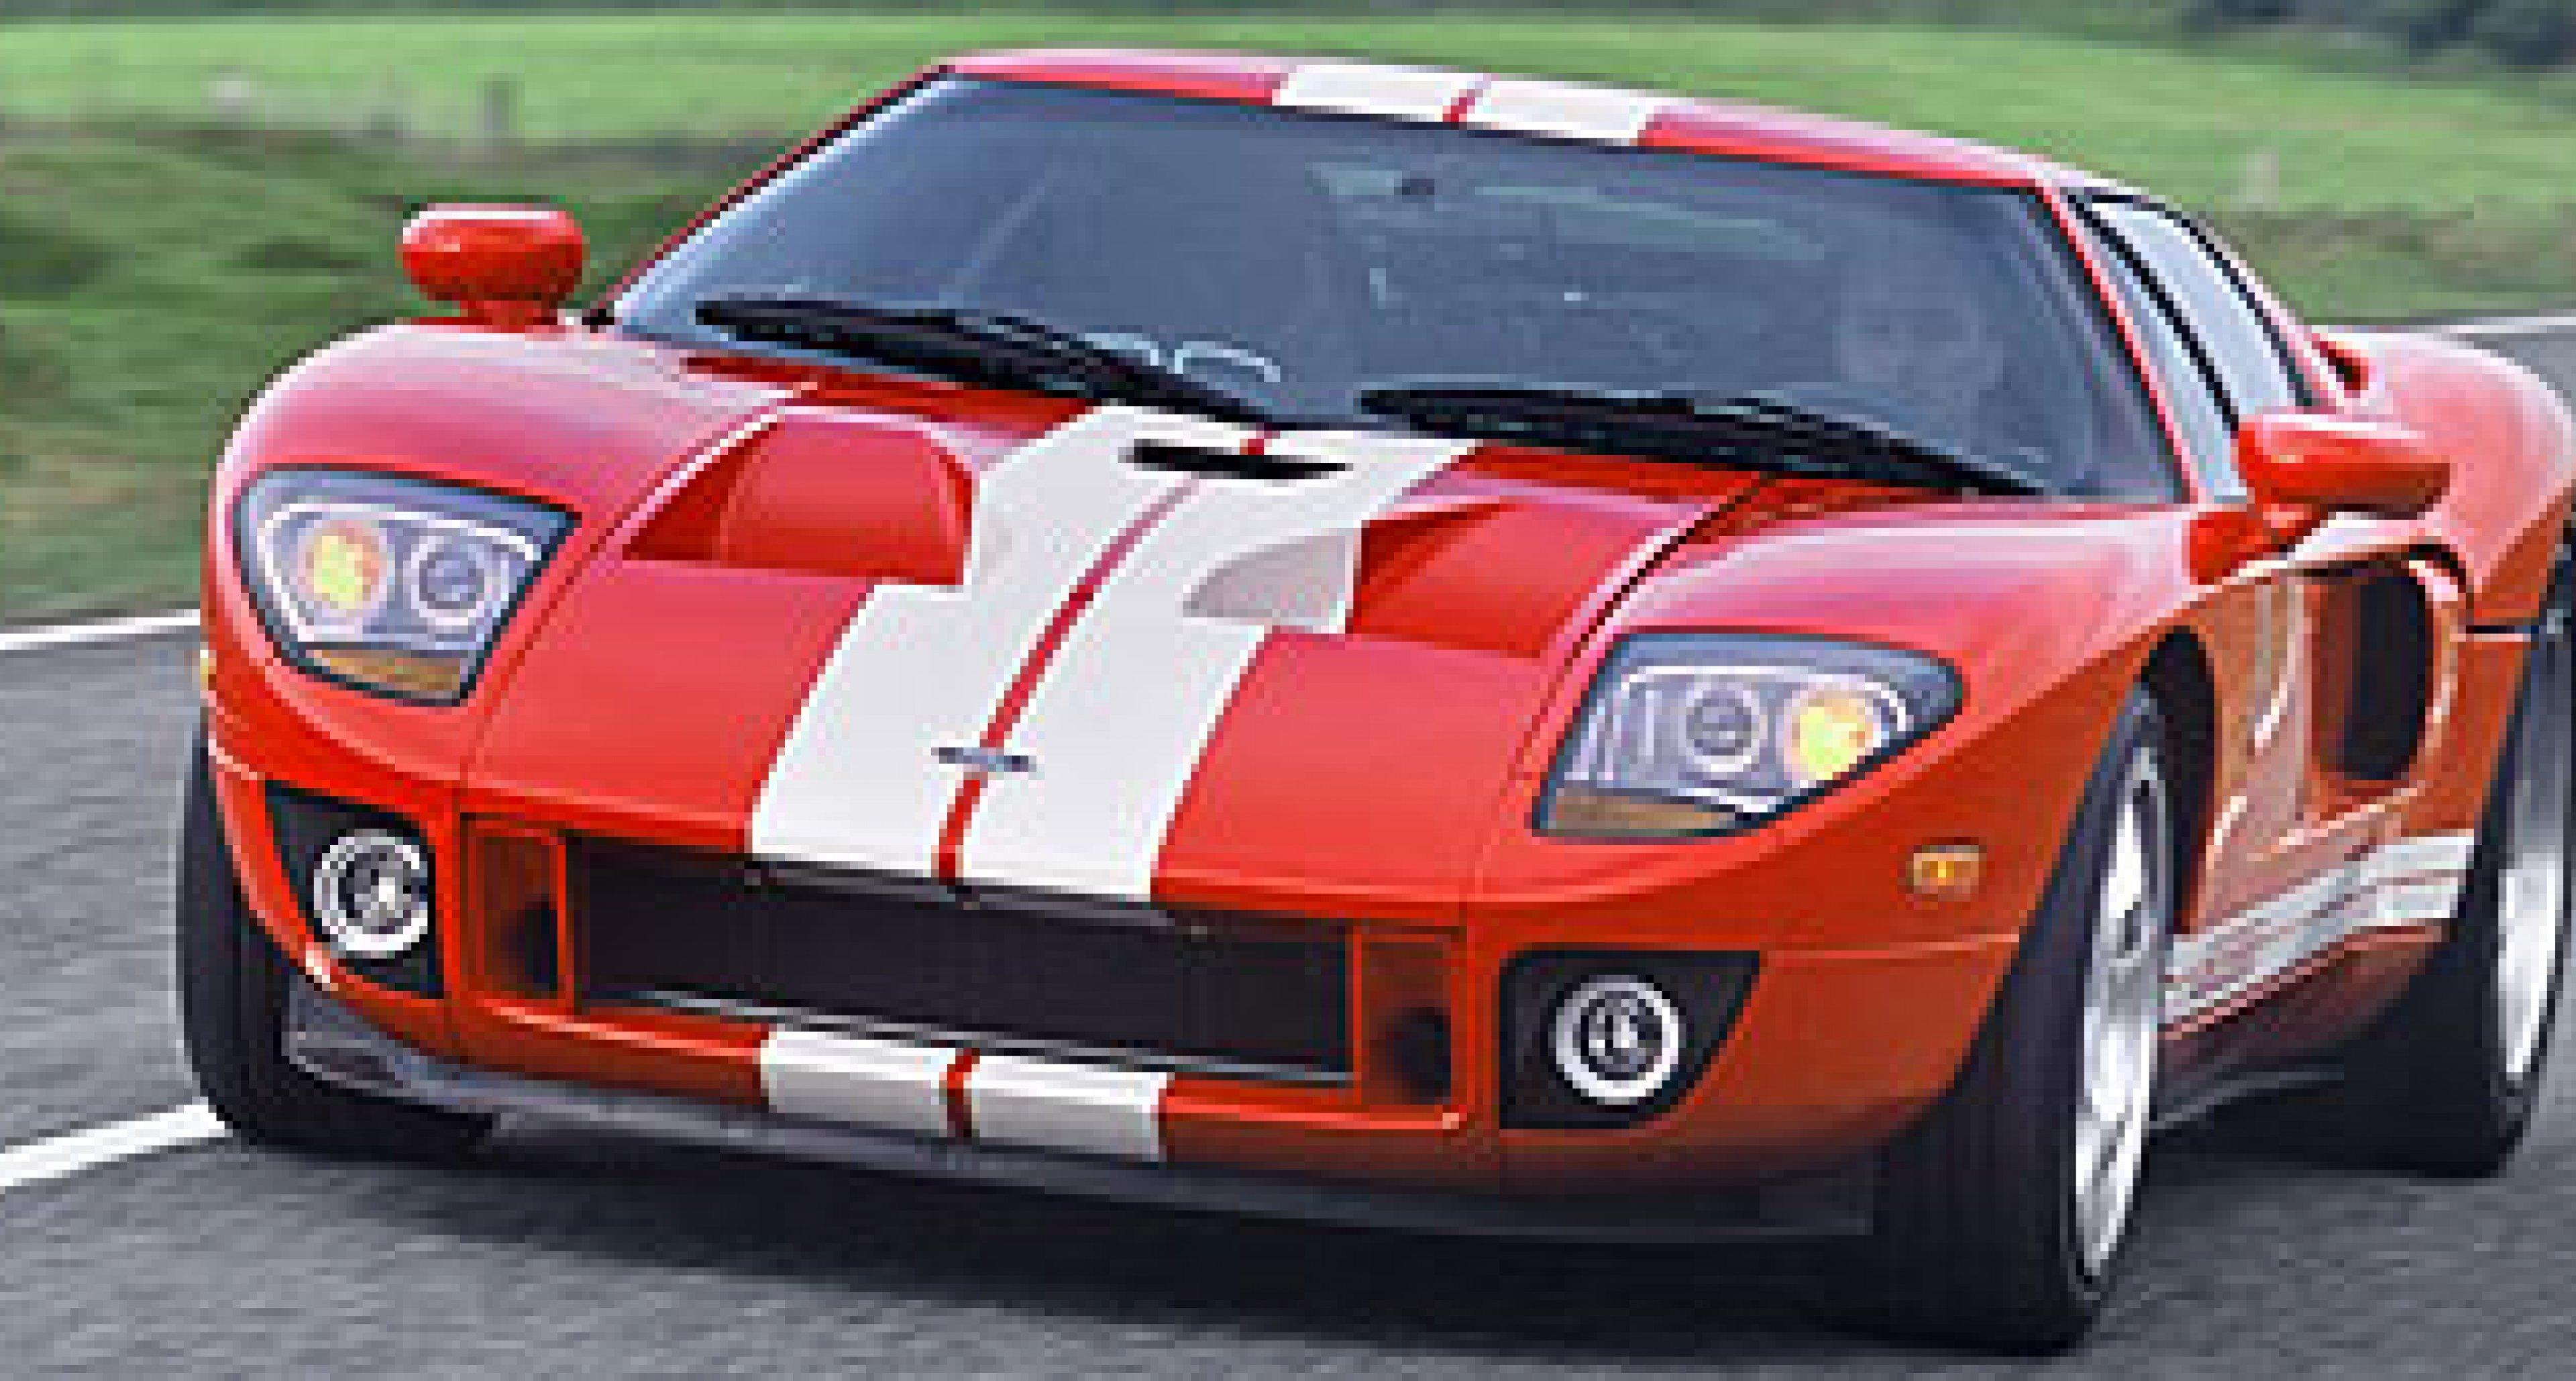 Christie's versteigert ersten Ford GT in Pebble Beach